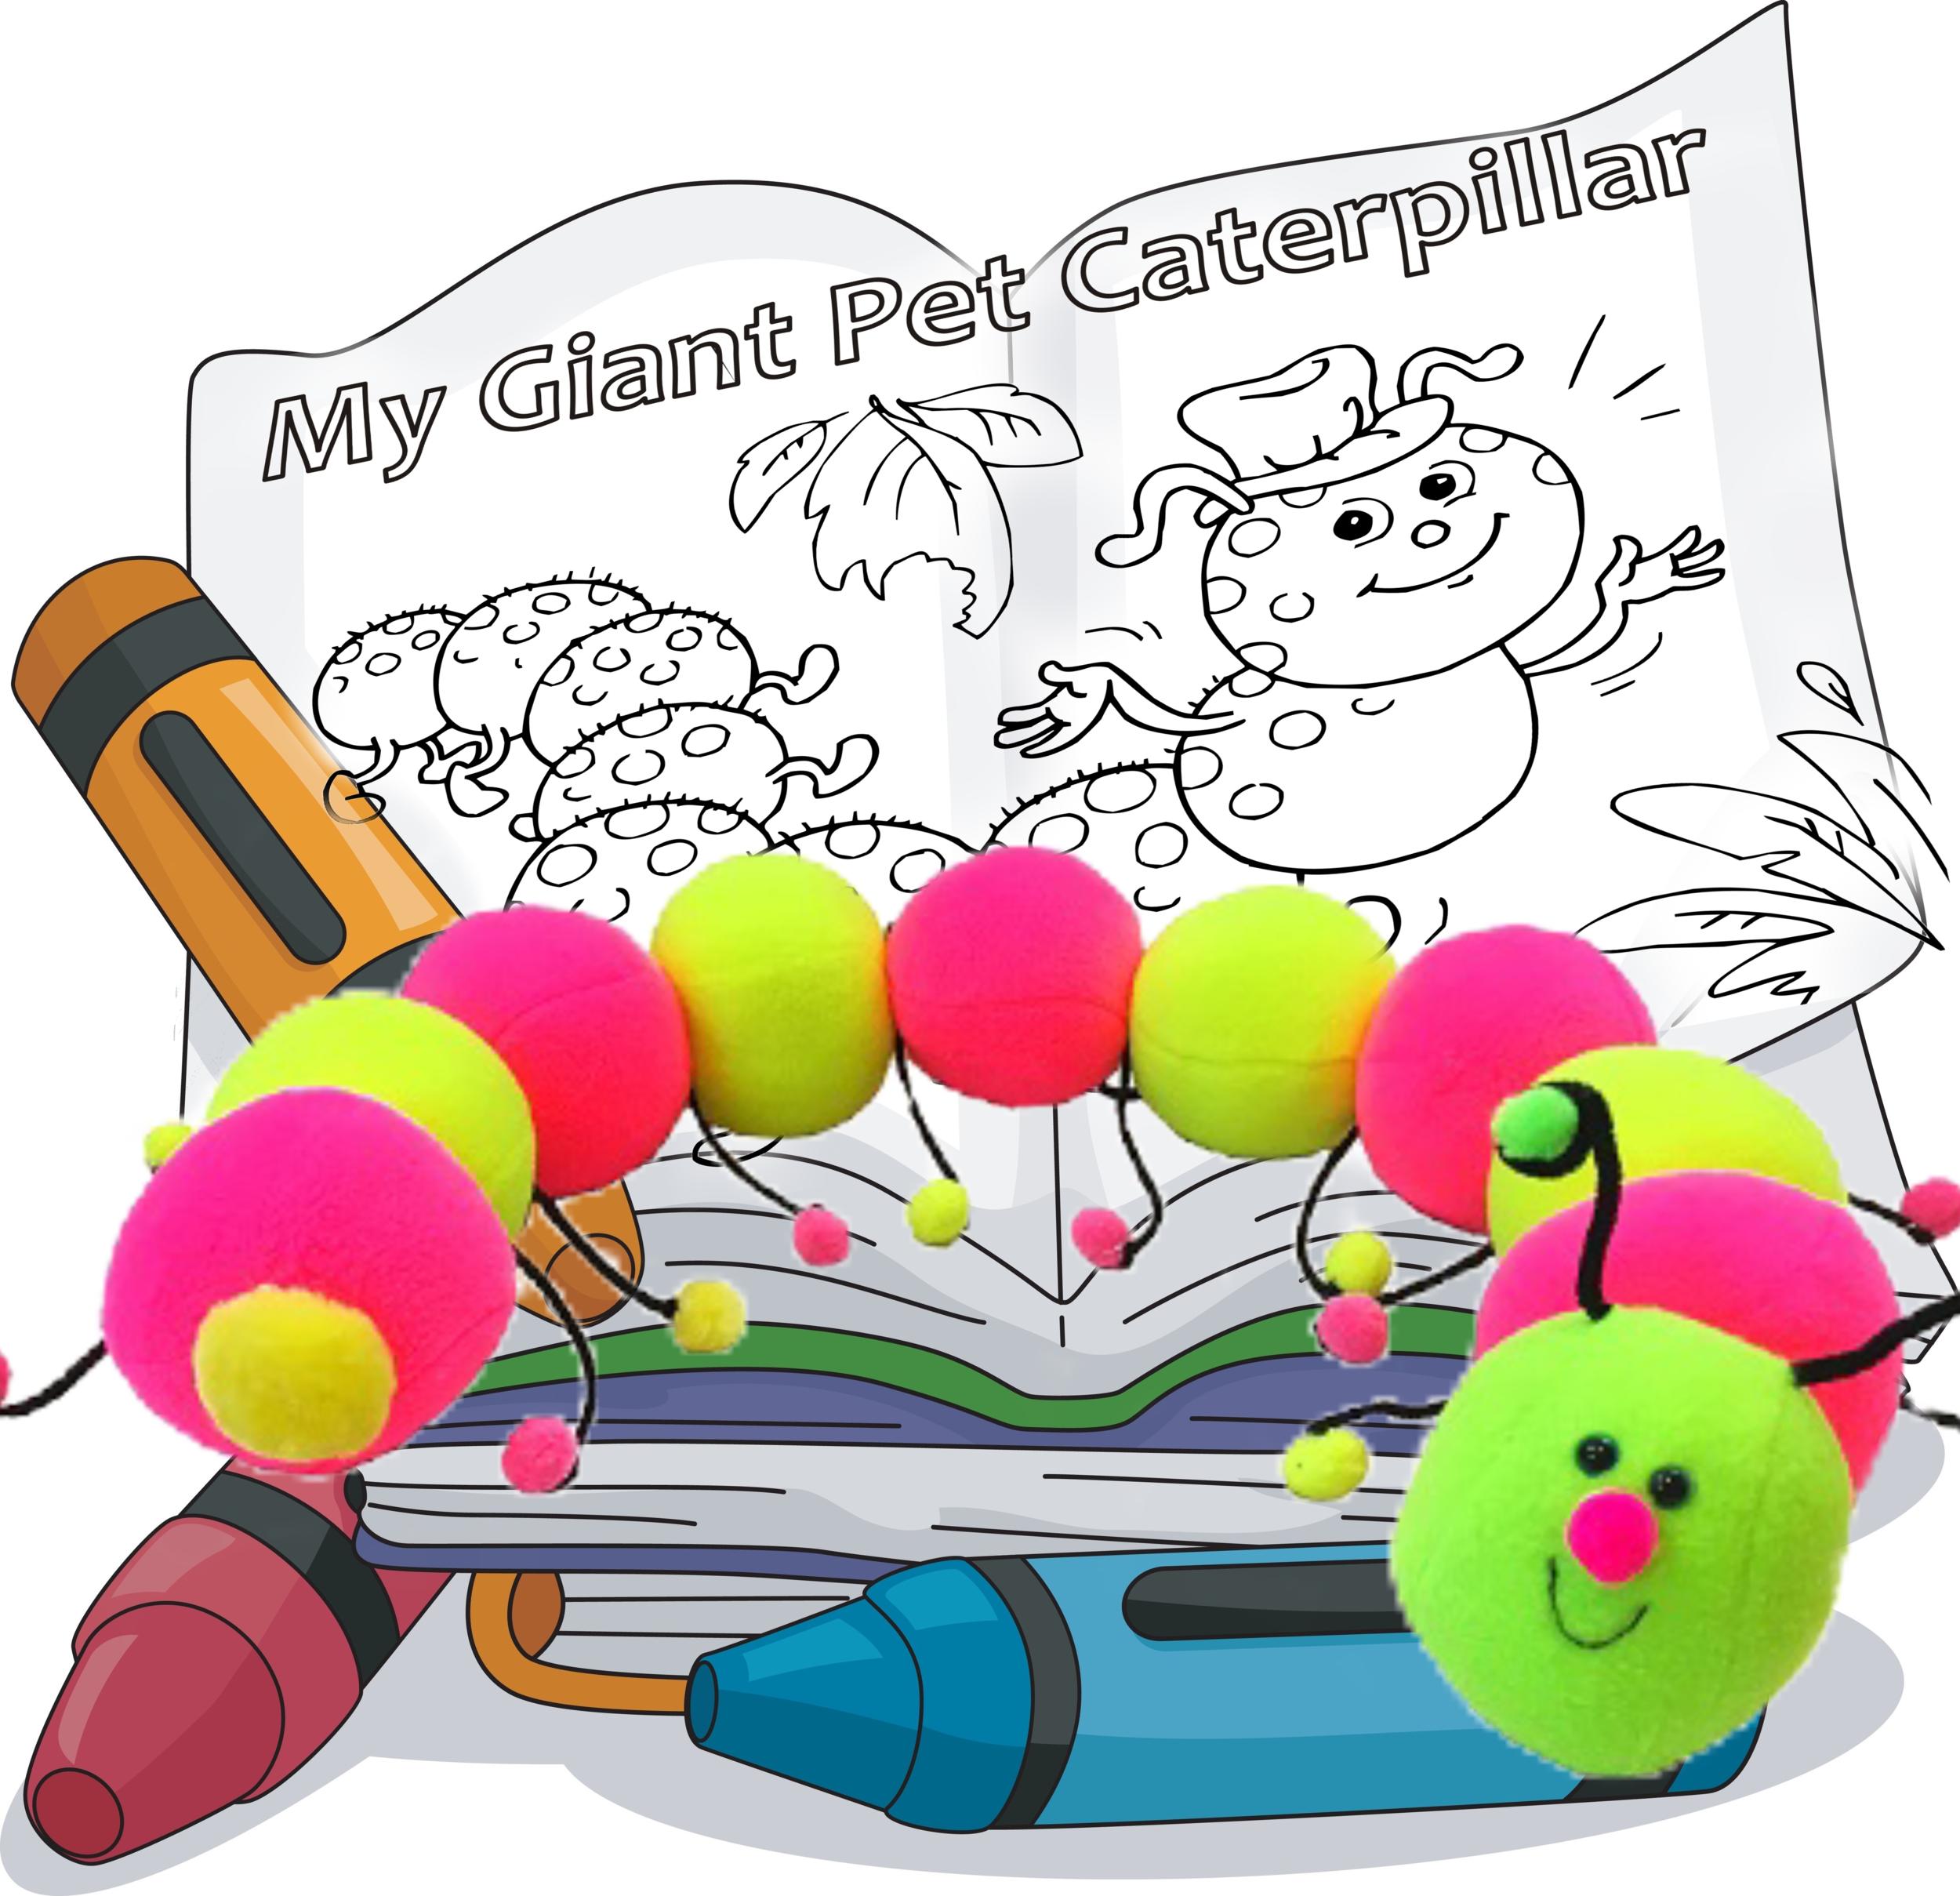 My Giant Pet Caterpillar -